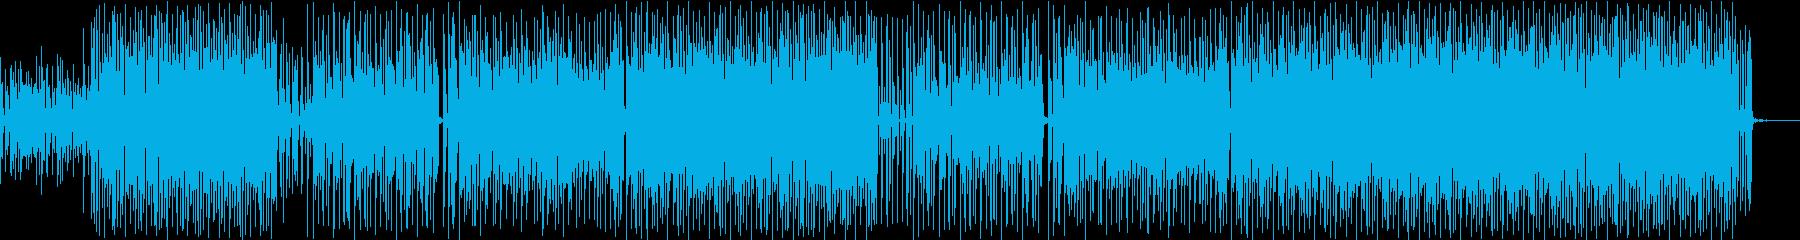 ゆったりした冬のイメージのインスト曲の再生済みの波形